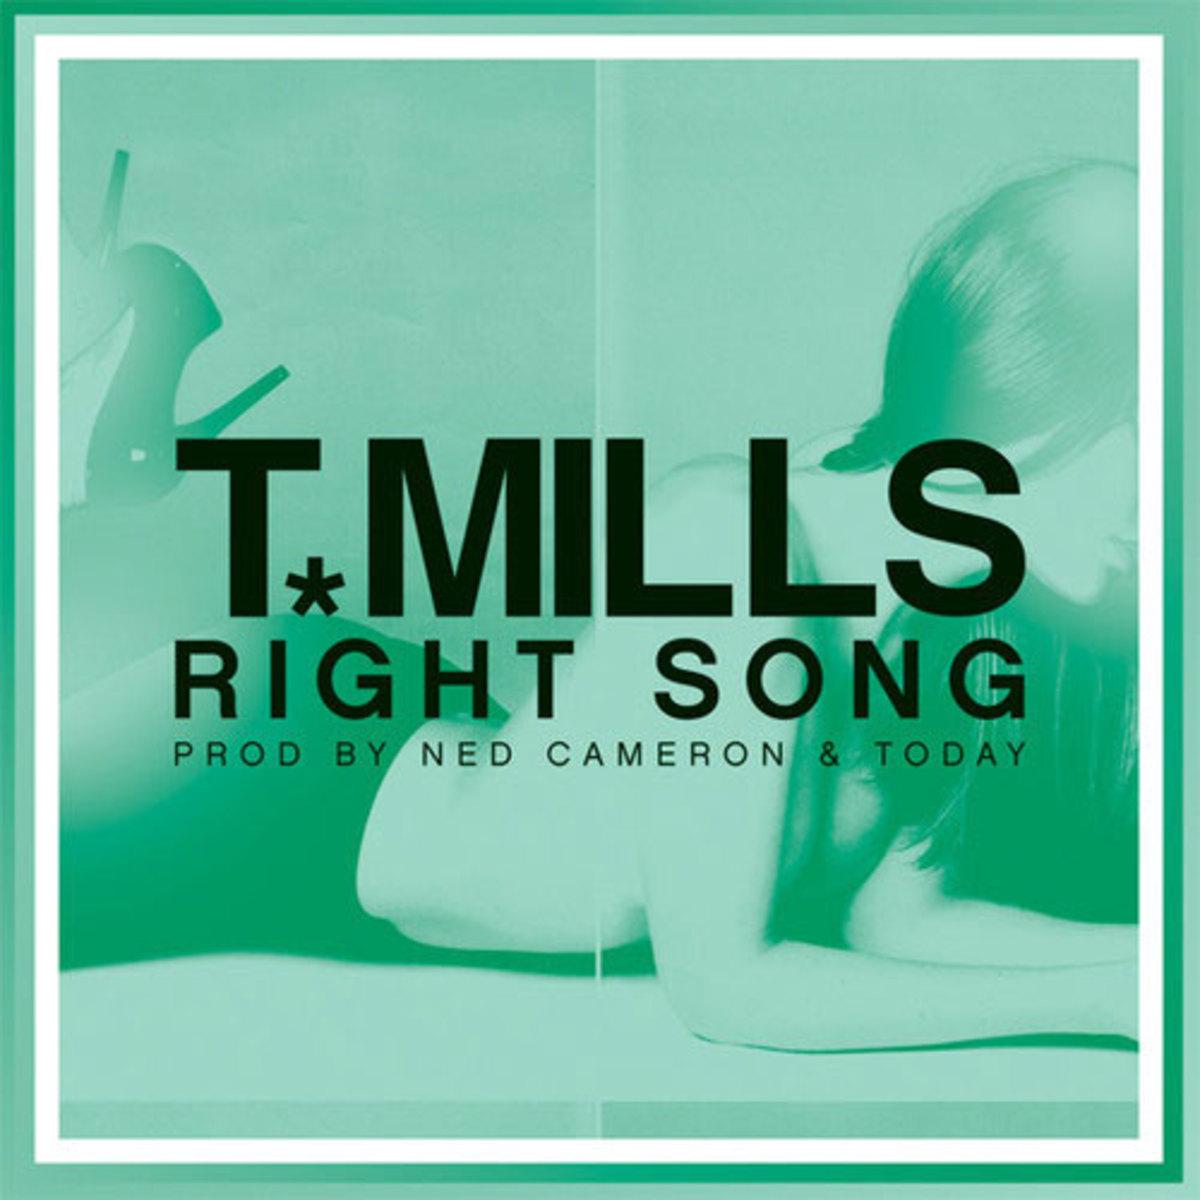 tmills-rightsong.jpg